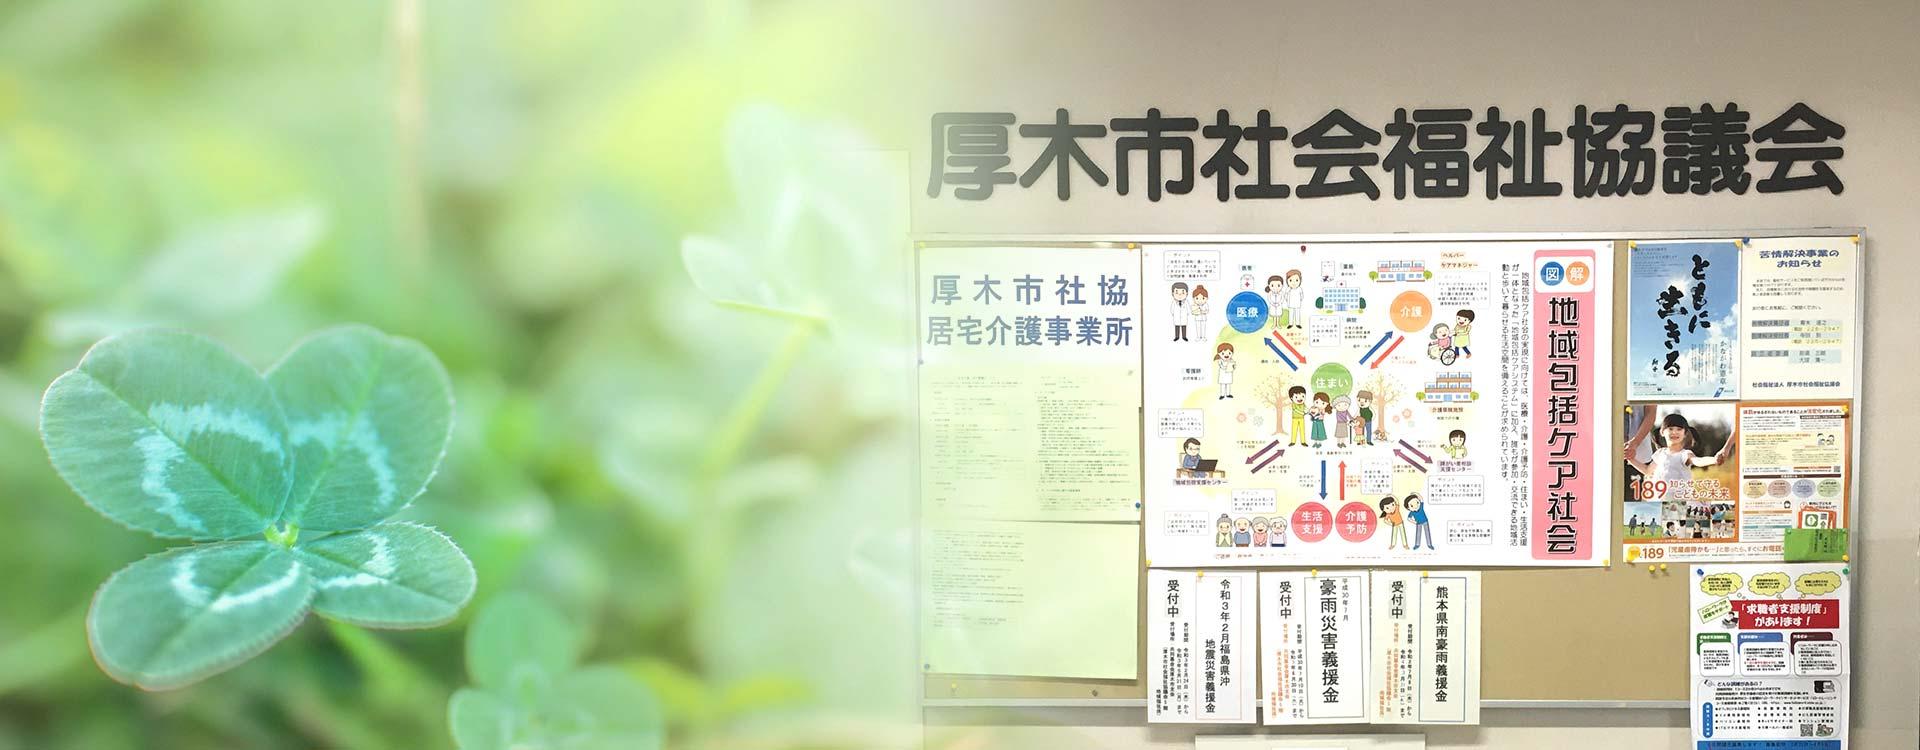 社会福祉法人 厚木市社会福祉協議会IMAGE2